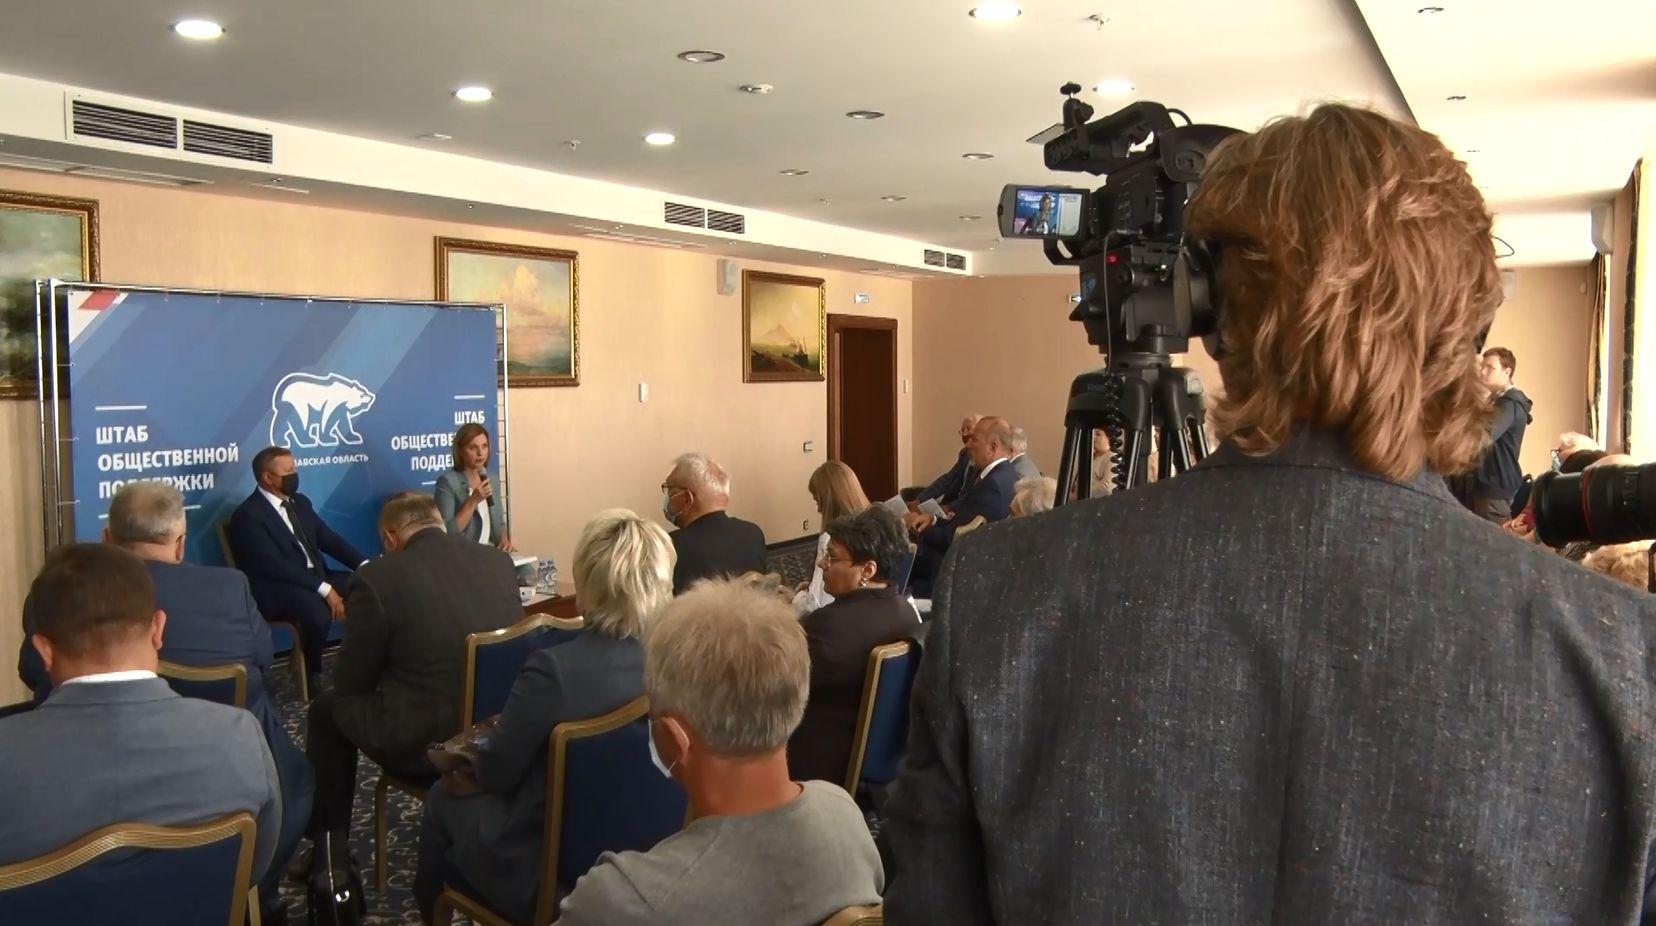 Сегодня в Ярославле состоялось совместное заседание президиума регионального политсовета